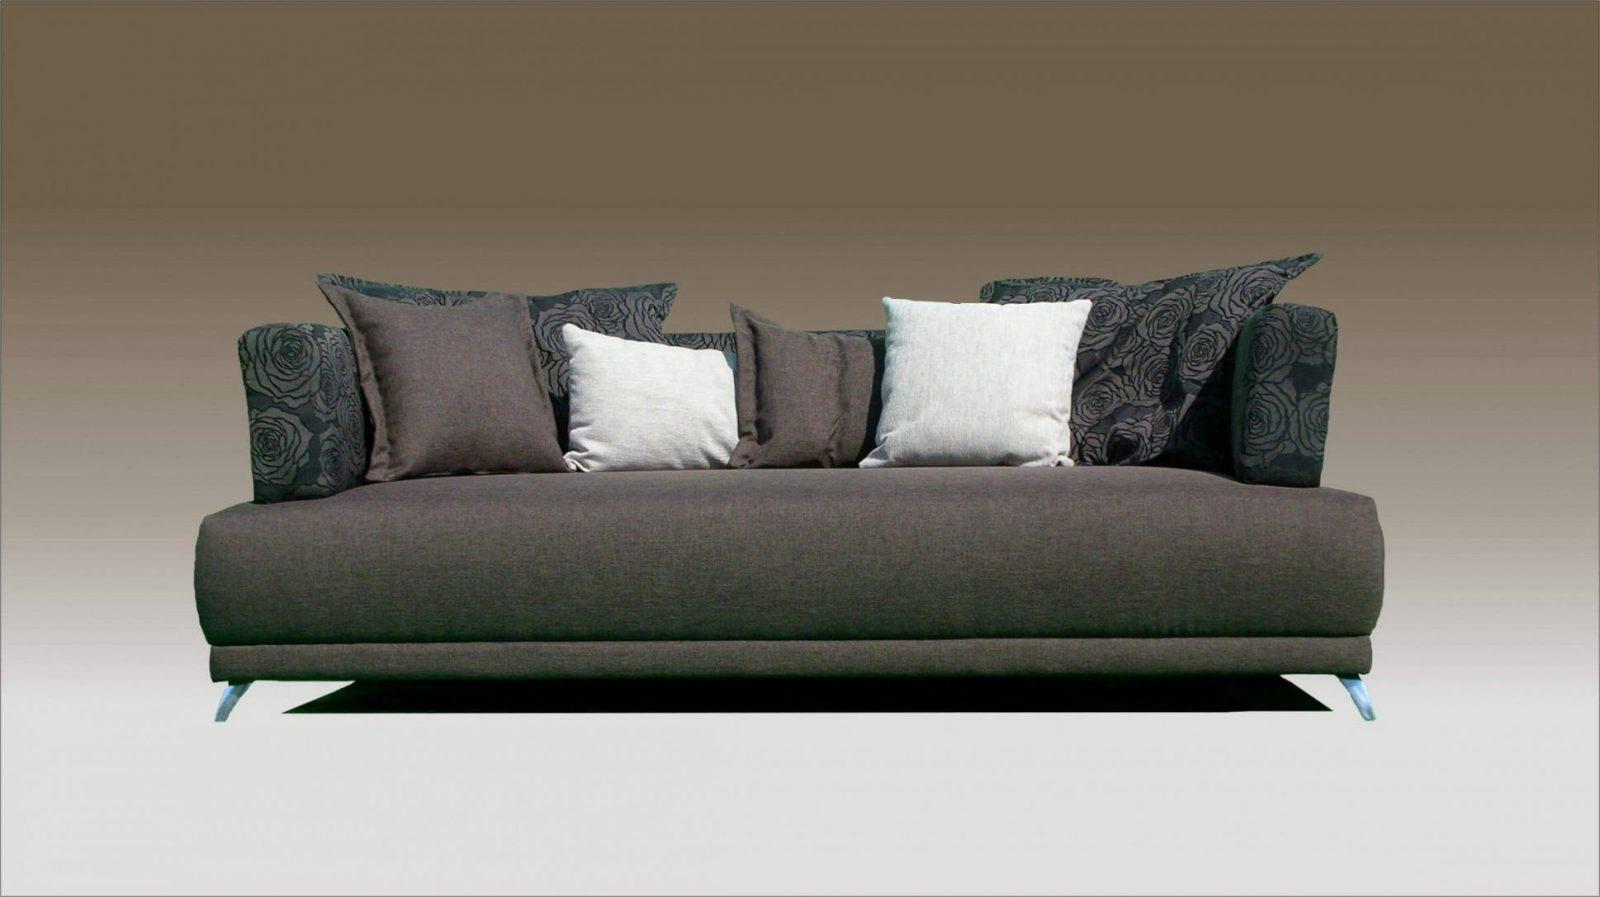 Gemutliches Sofa Fur Kleine Raume Haus Design Ideen